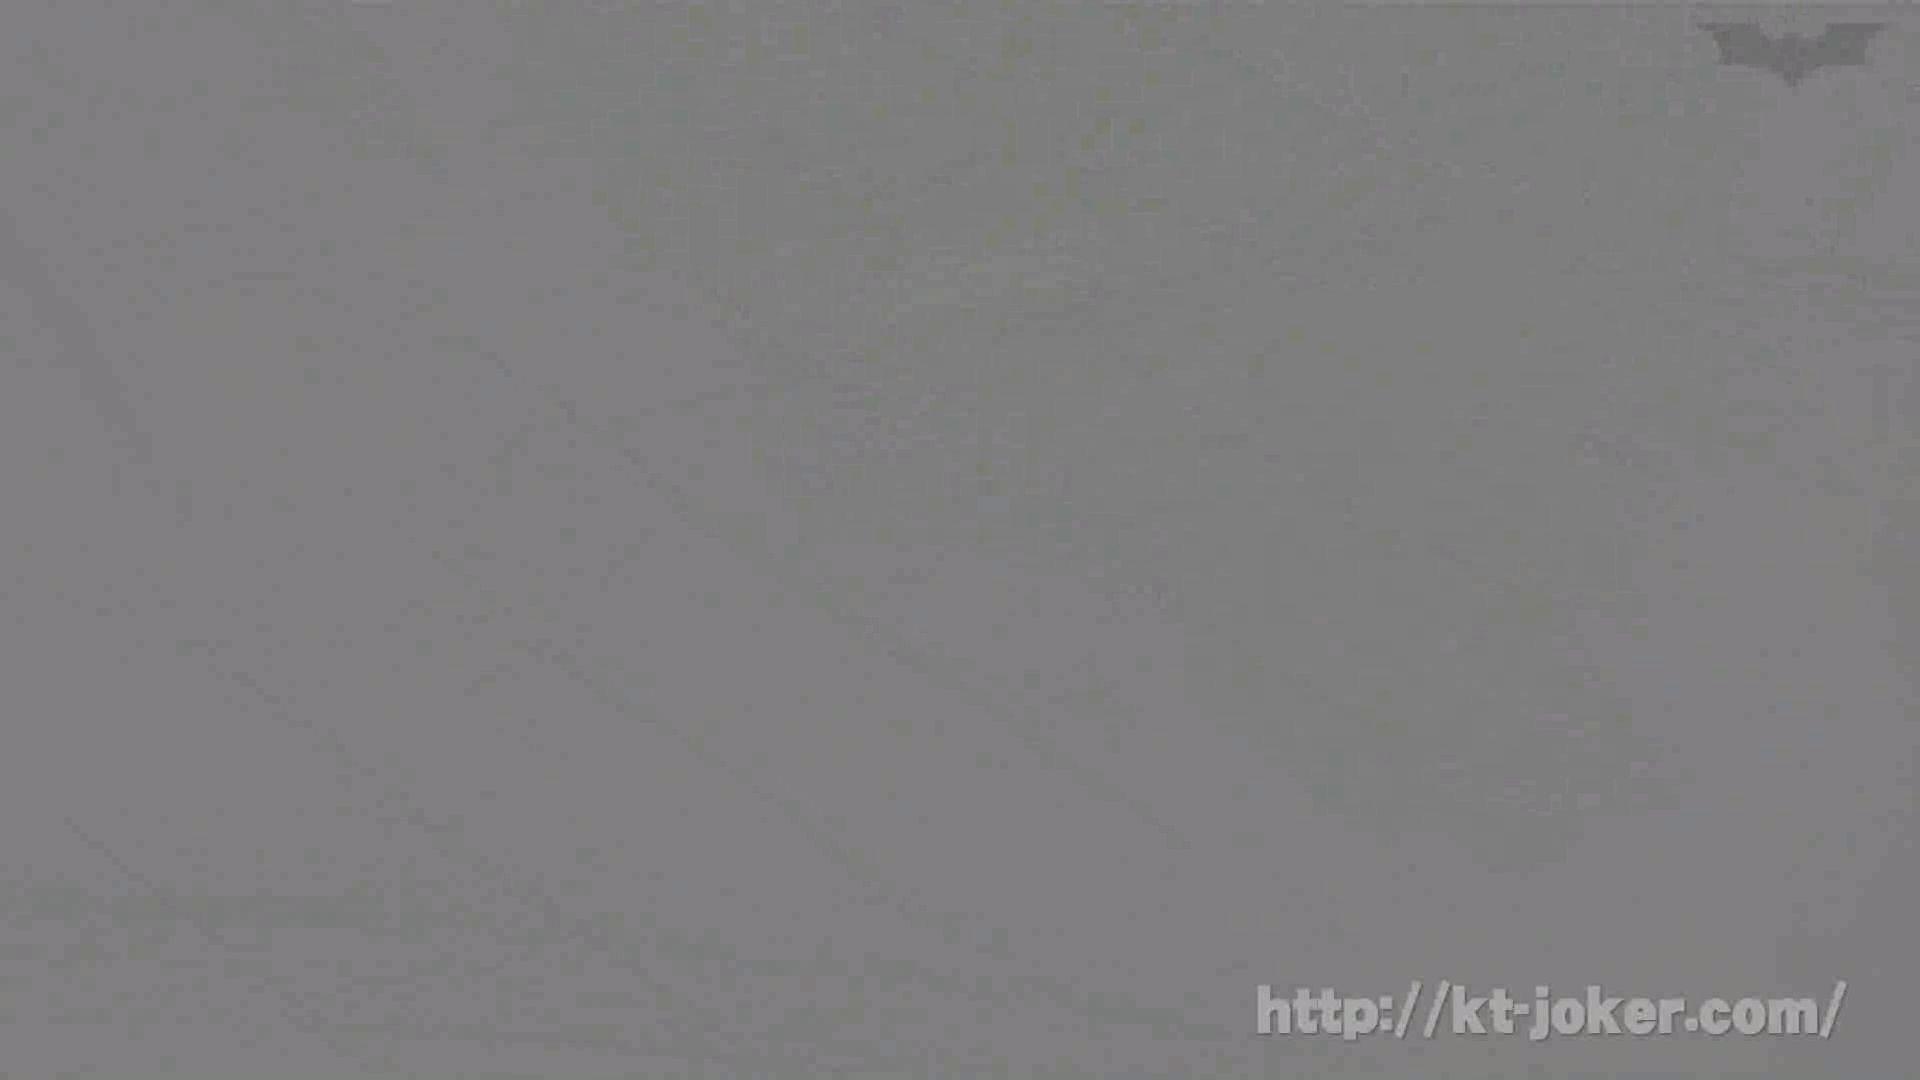 命がけ潜伏洗面所! vol.69 あのかわいい子がついフロント撮り実演 洗面所 | プライベート投稿  83PIX 10